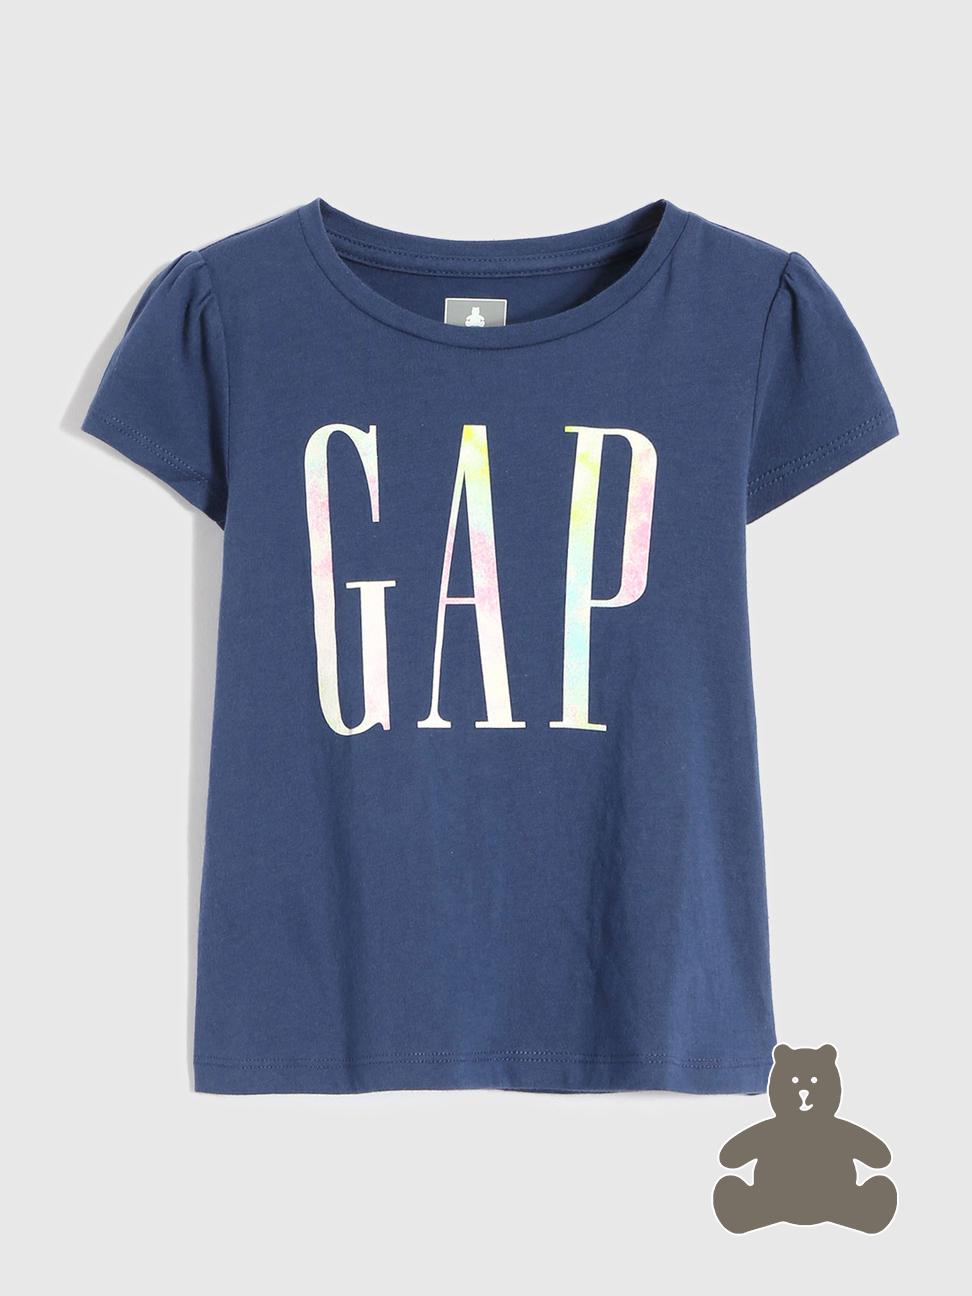 Gap 盖璞 幼儿|布莱纳系列 玩童之选 徽标LOGO纯棉短袖T恤